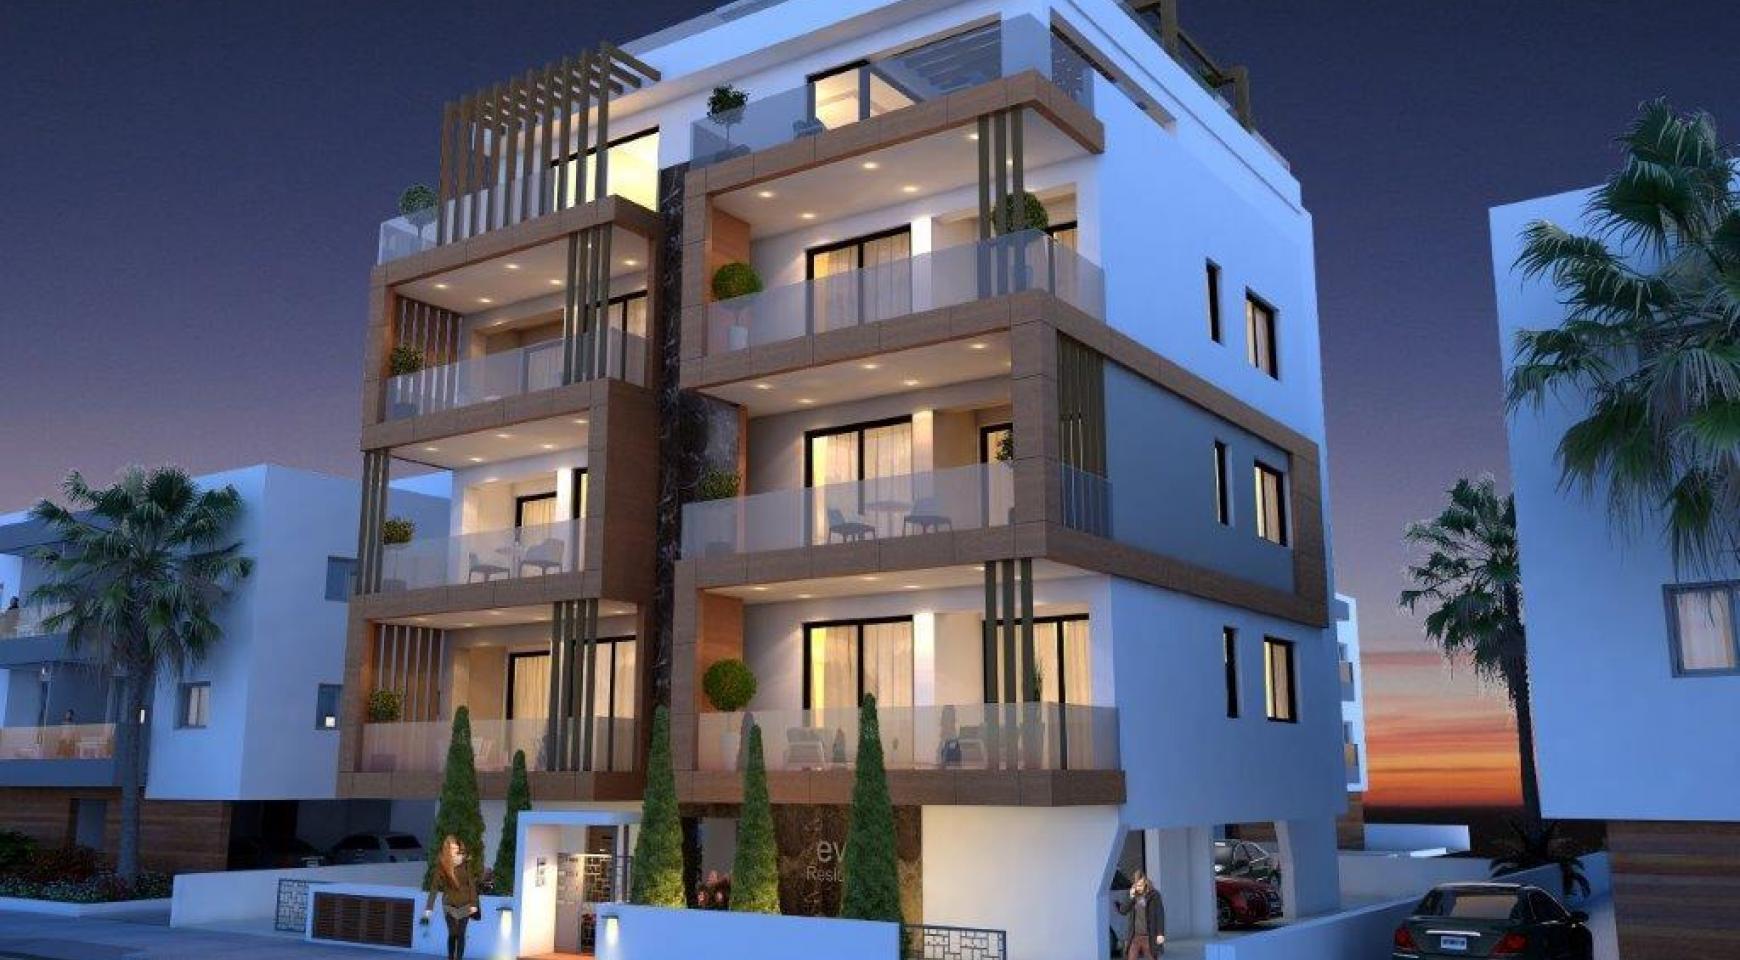 New 2 Bedroom Apartment in Enaerios Area  - 1